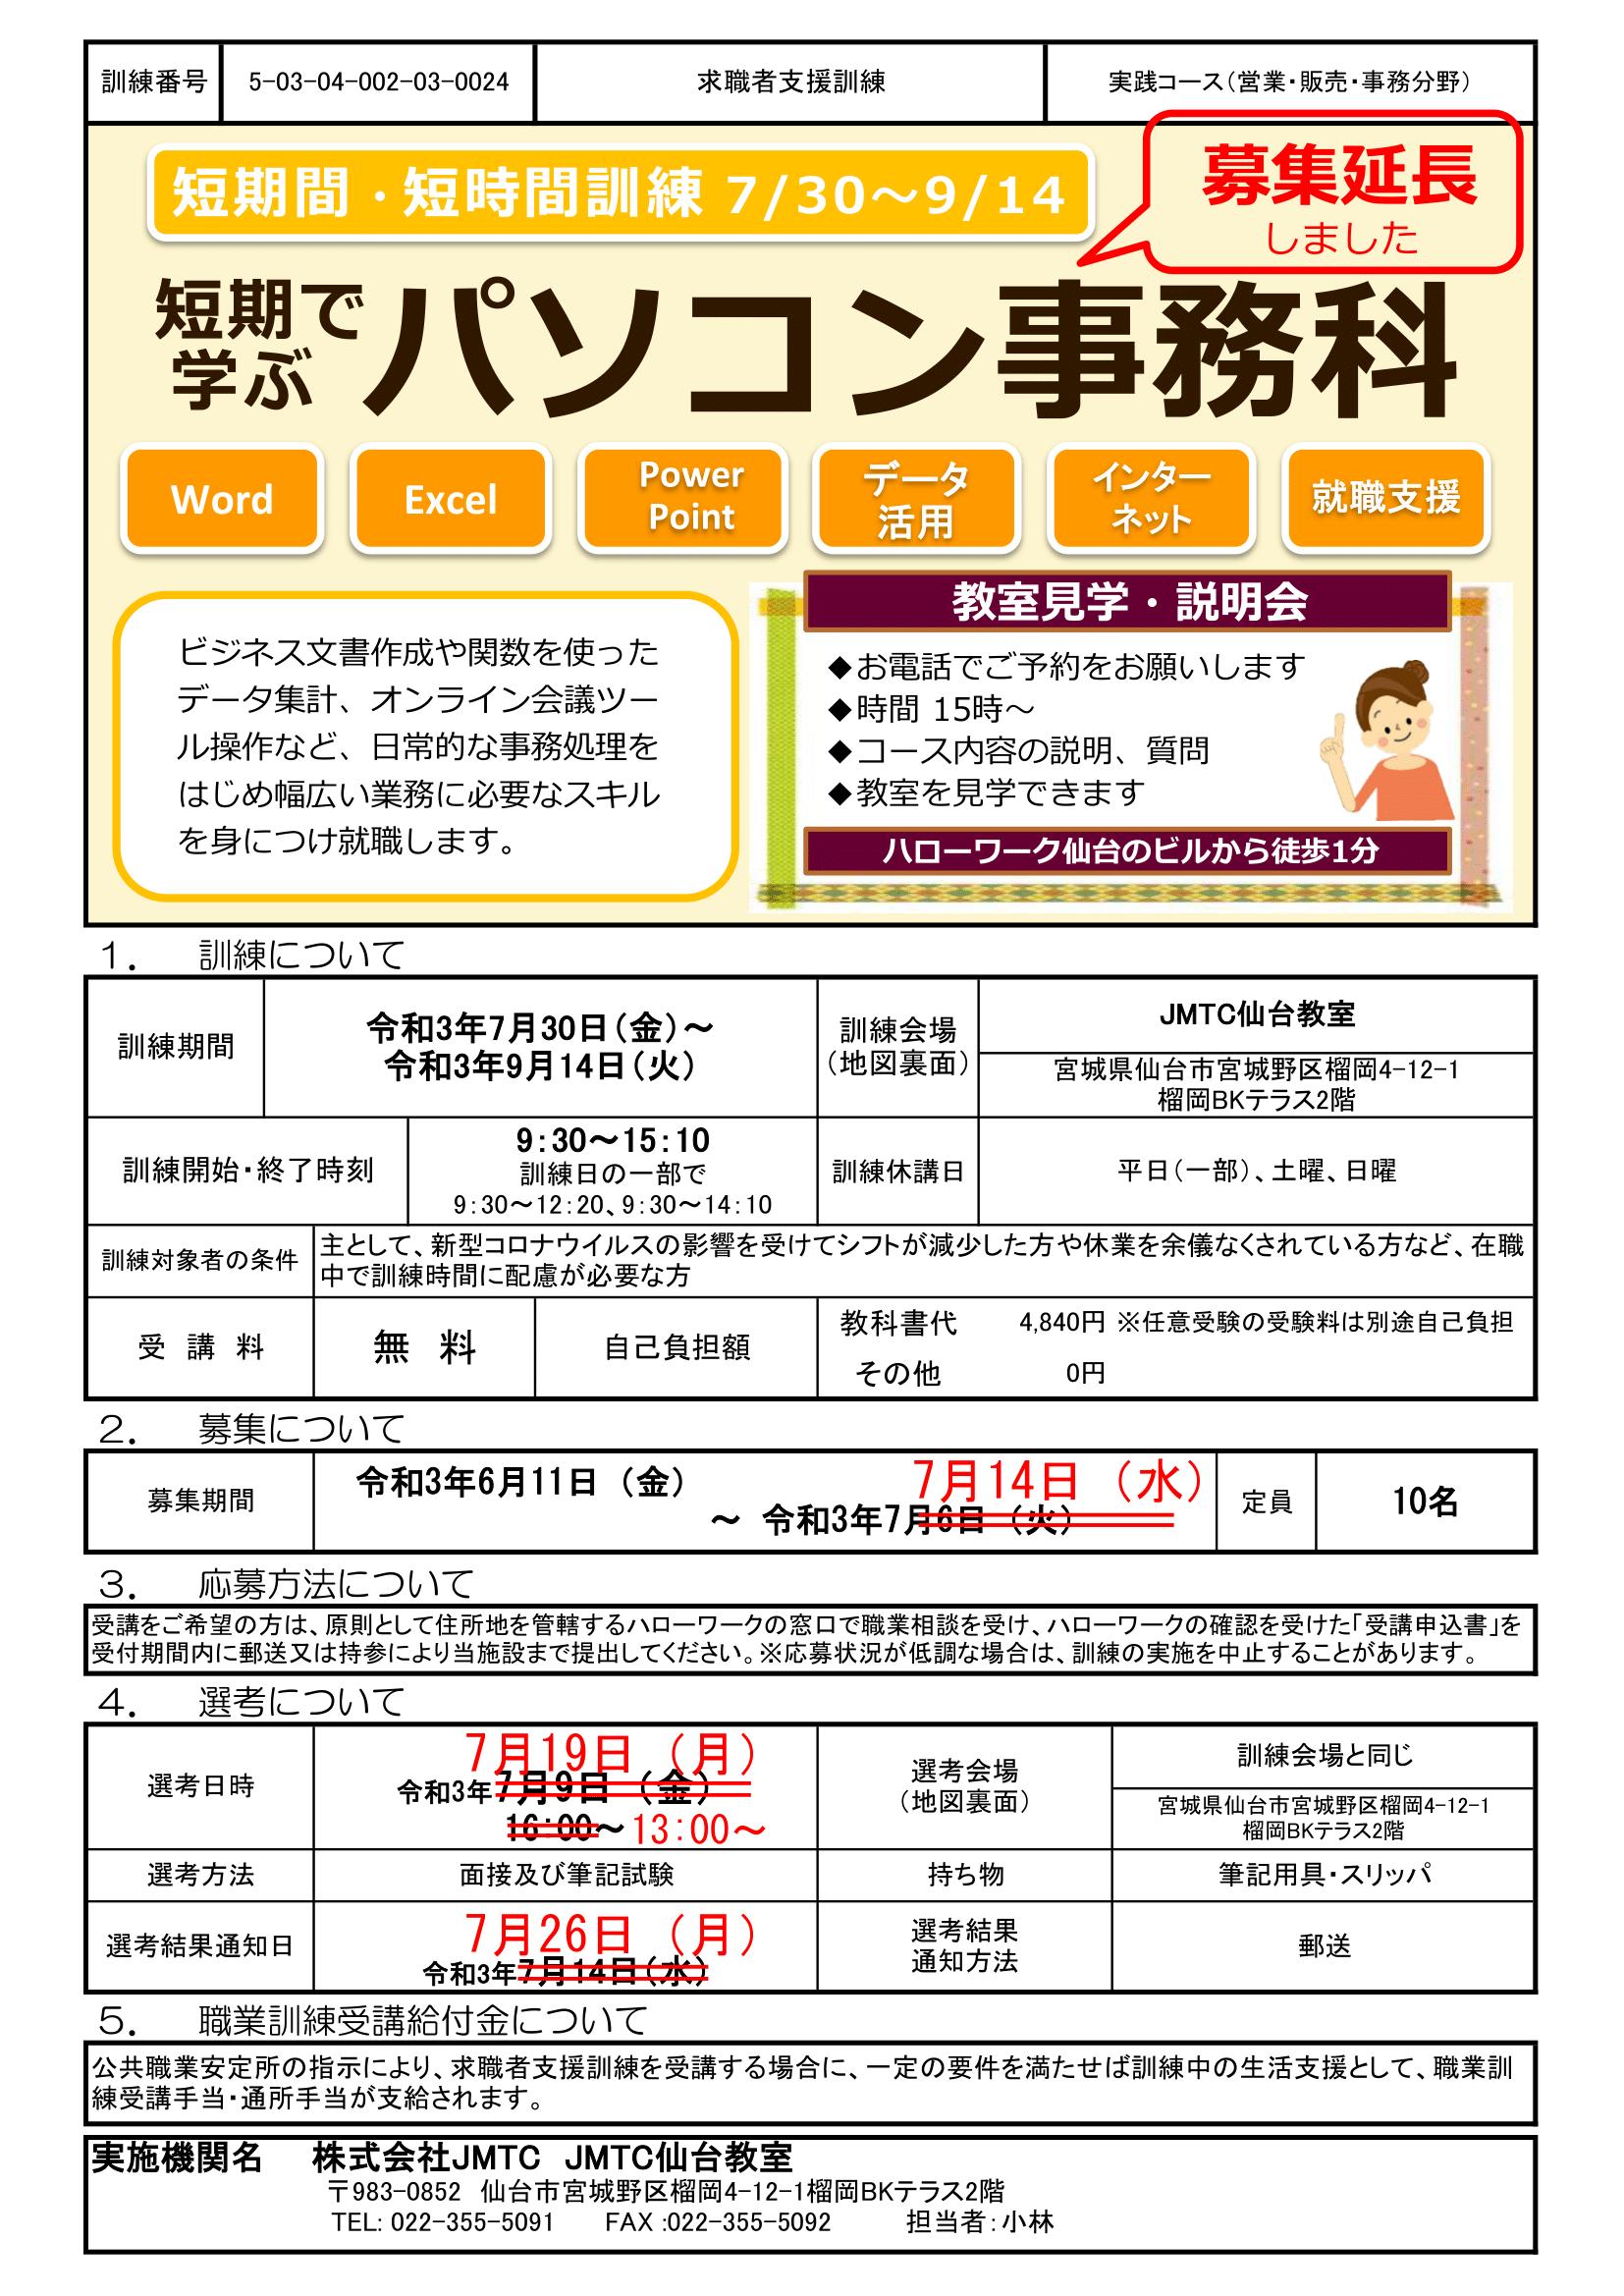 仙台教室「短期で学ぶパソコン事務科」